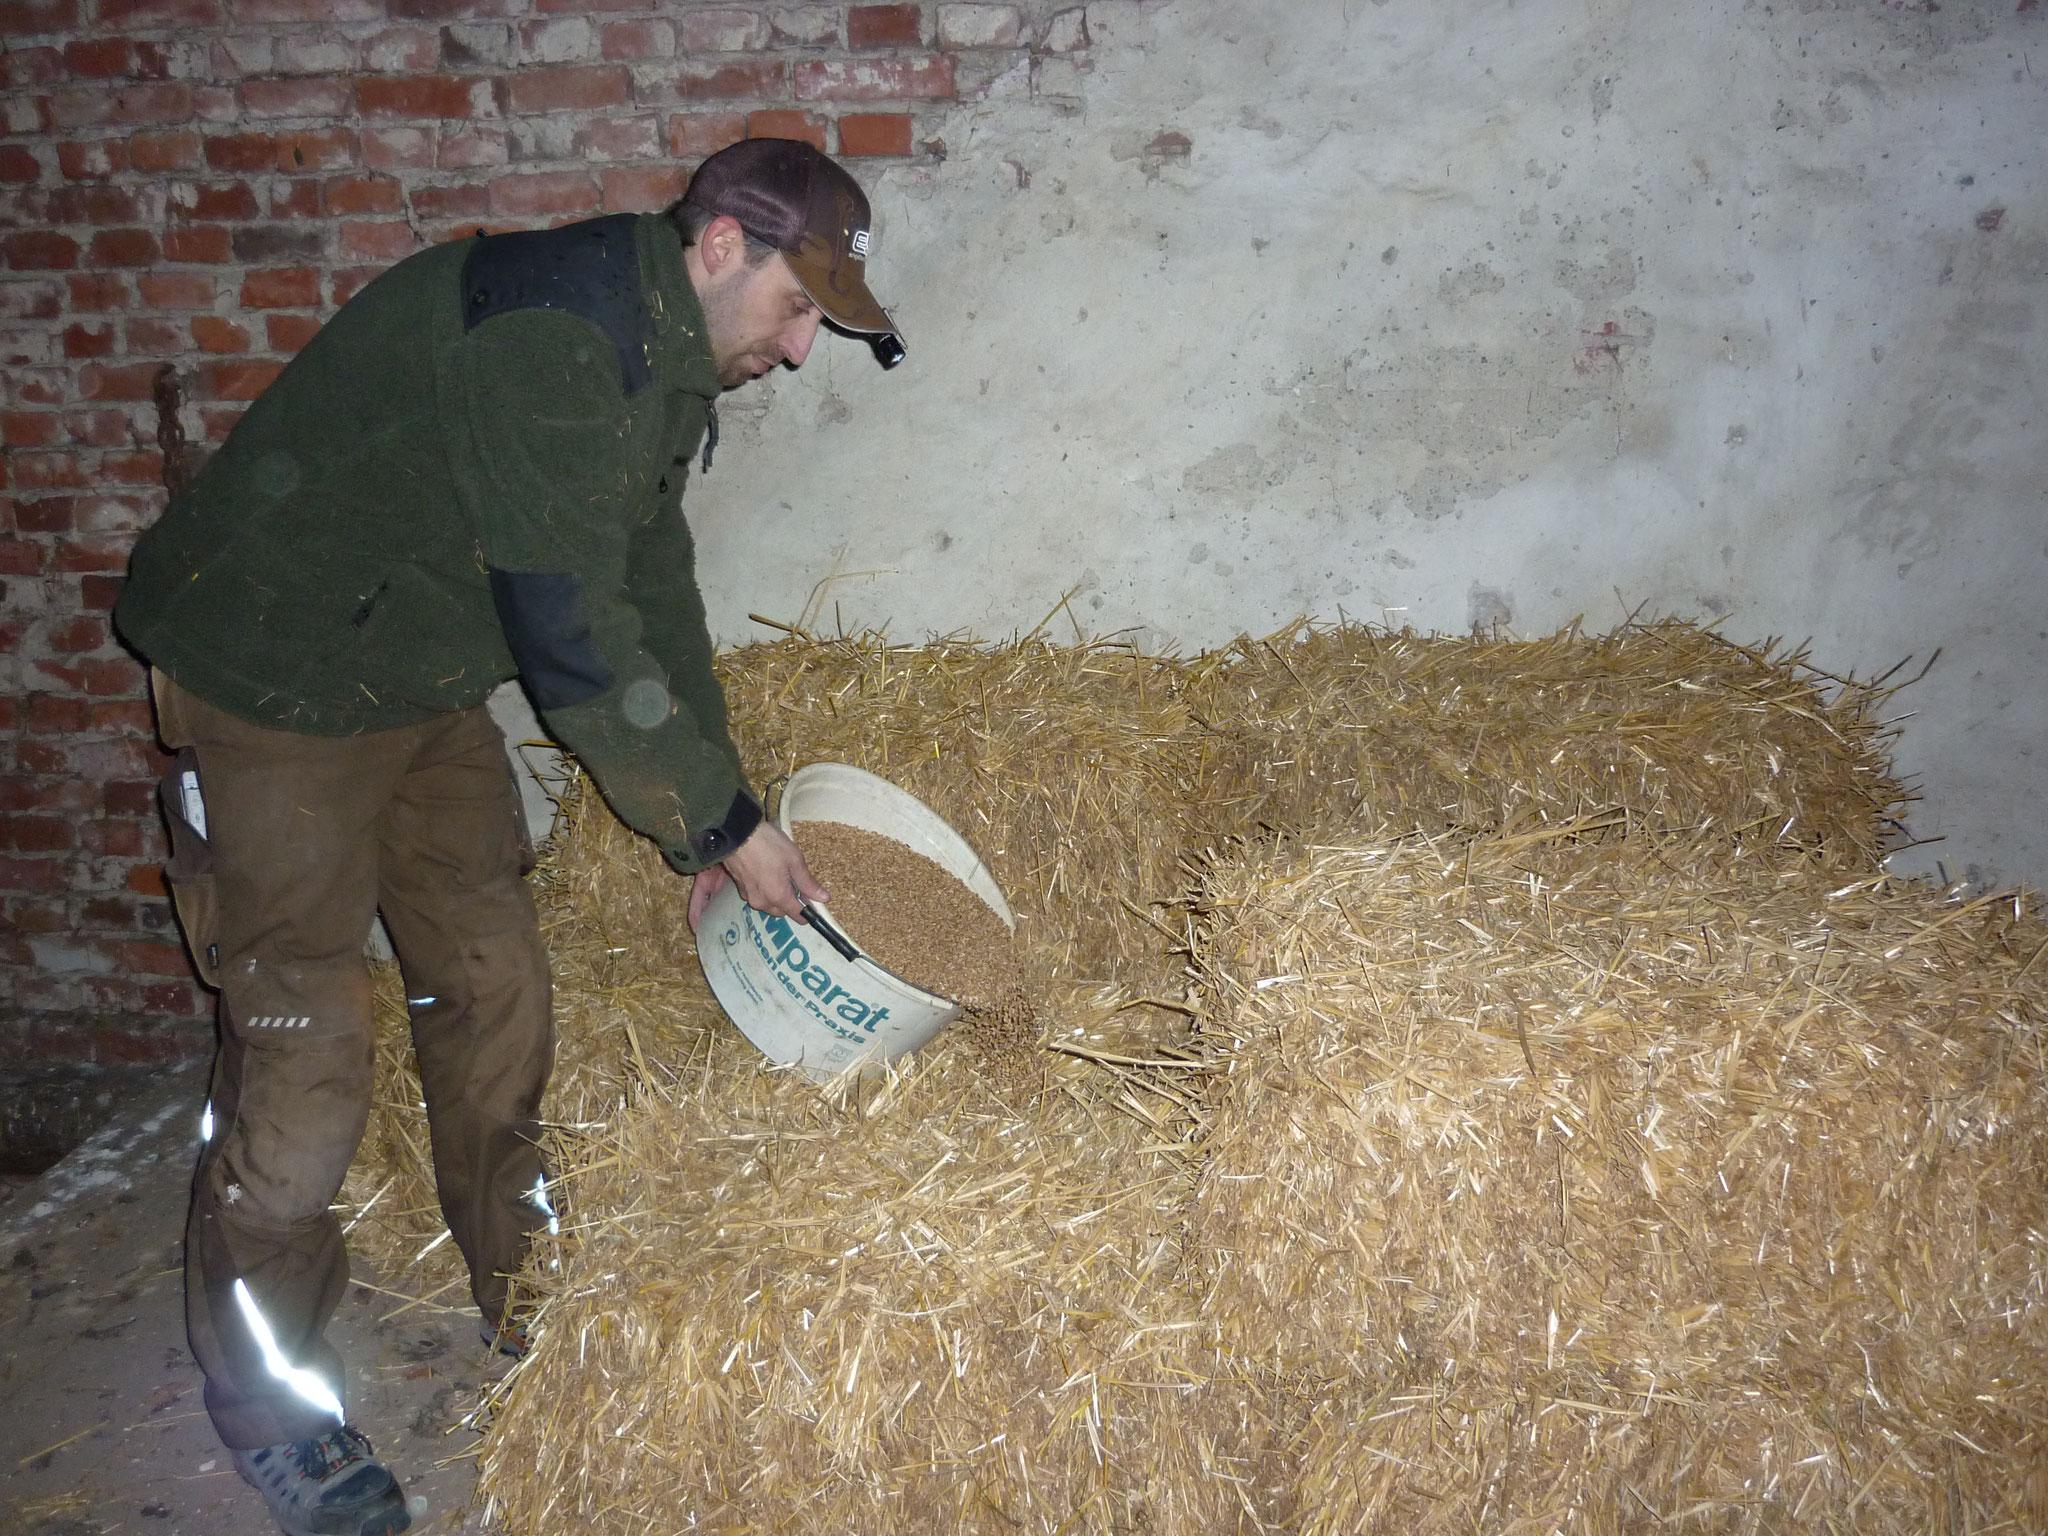 Zusätzlich wurde auf dem Dachboden an zwei Stellen Strohballen aufgestappeltund mit einem Eimer Weizen befüllt, um eine Mäuseburg anzulegen. Zusätzliche Nahrrung für die Schleiereulen.